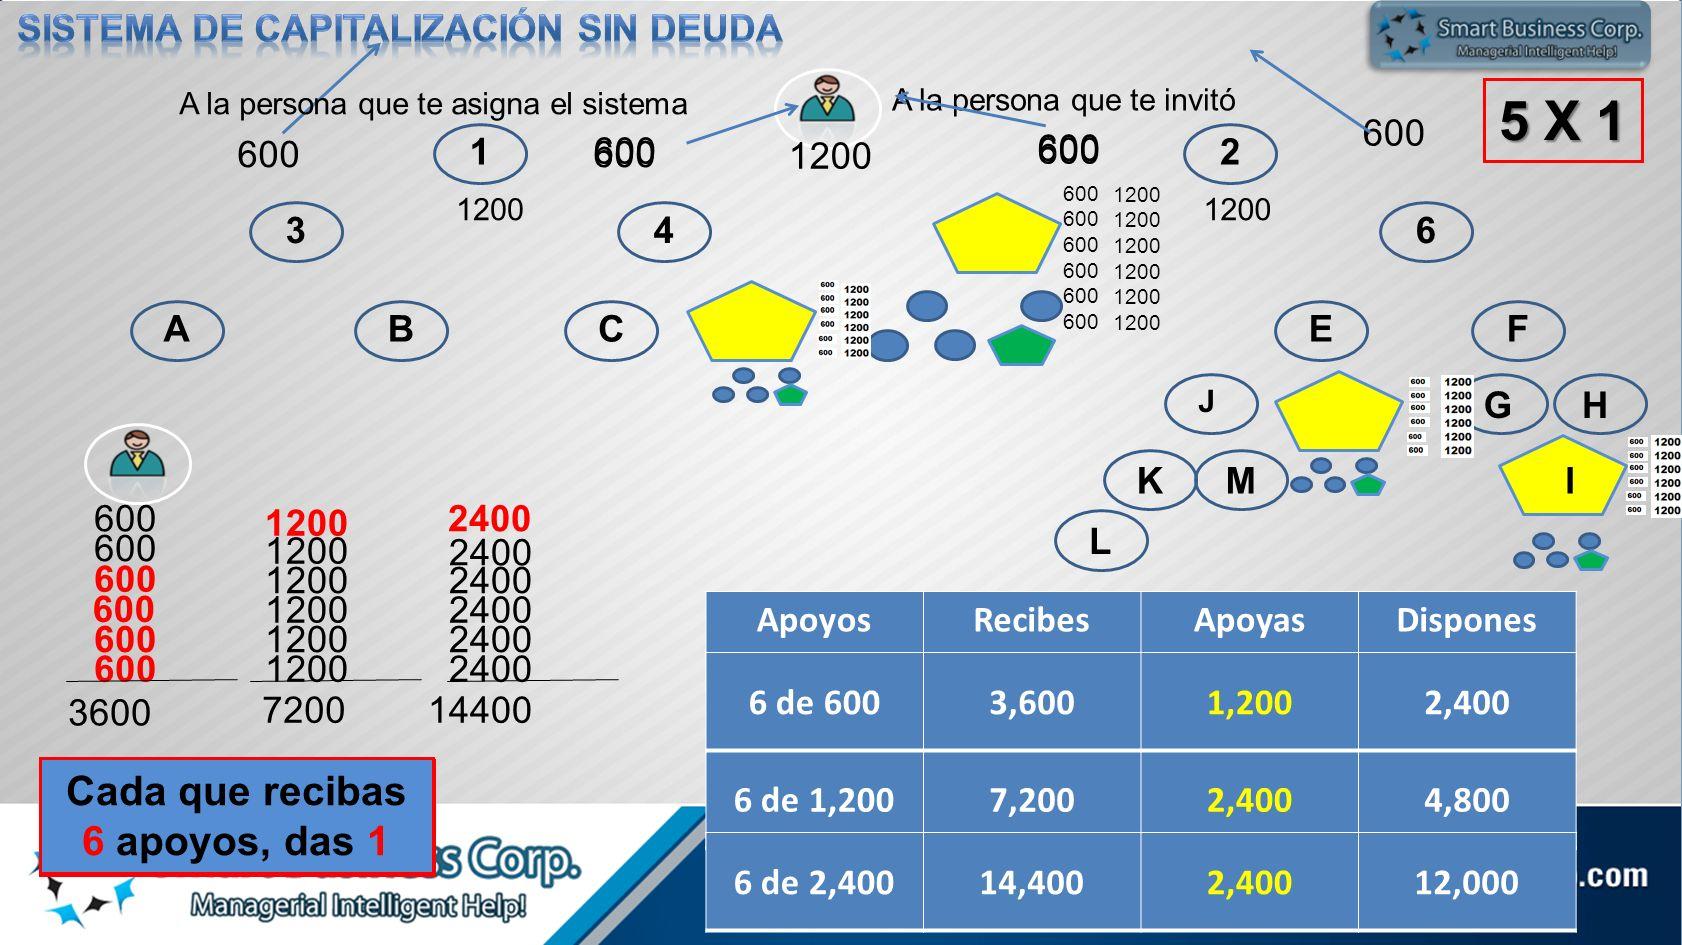 12 3456 ABCDEF GH KM L J N 1200 600 5 X 1 600 1200 600 3600 1200 7200 2400 14400 Cada que recibas 6 apoyos, das 1 Cada que recibas 6 apoyos, das 1 600 ApoyosRecibesApoyasDispones 6 de 1,2007,2002,4004,800 6 de 6003,6001,2002,400 6 de 2,40014,4002,40012,000 1200 600 A la persona que te invitó 600 A la persona que te asigna el sistema I 1200